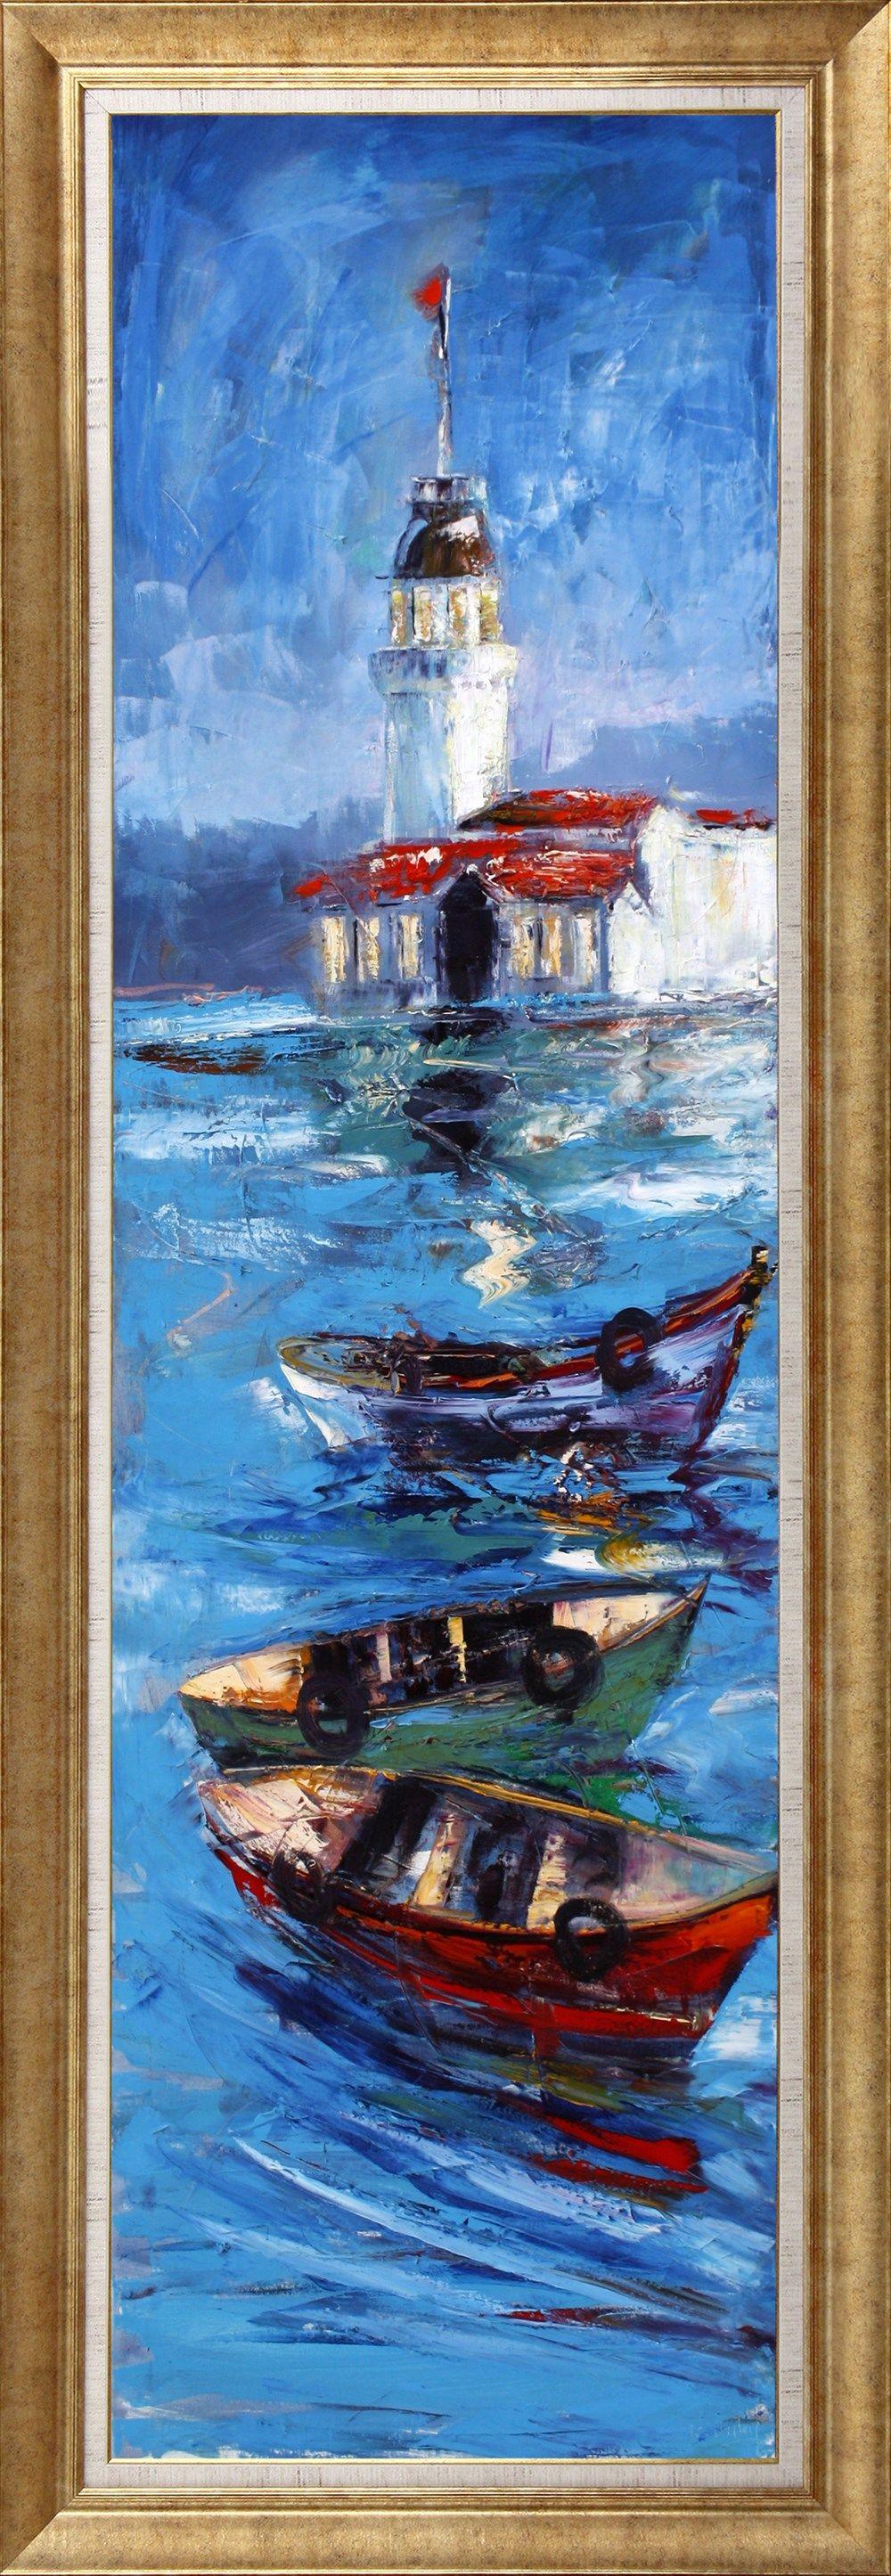 Orijinal Tuval Uzeri Yagli Boya Tablo Tablolar Tuval Sanati Resim